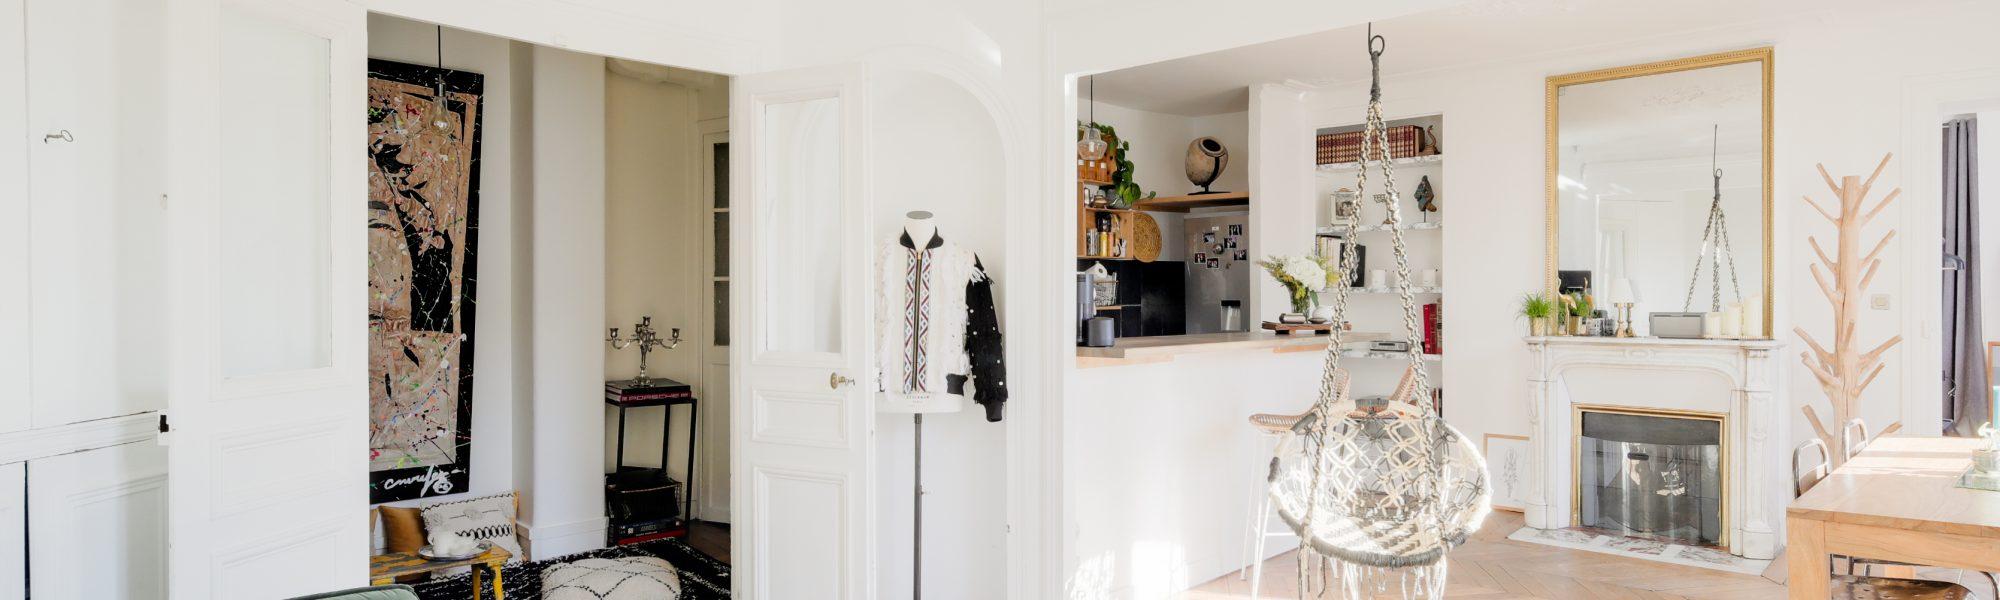 Appartement bohémien